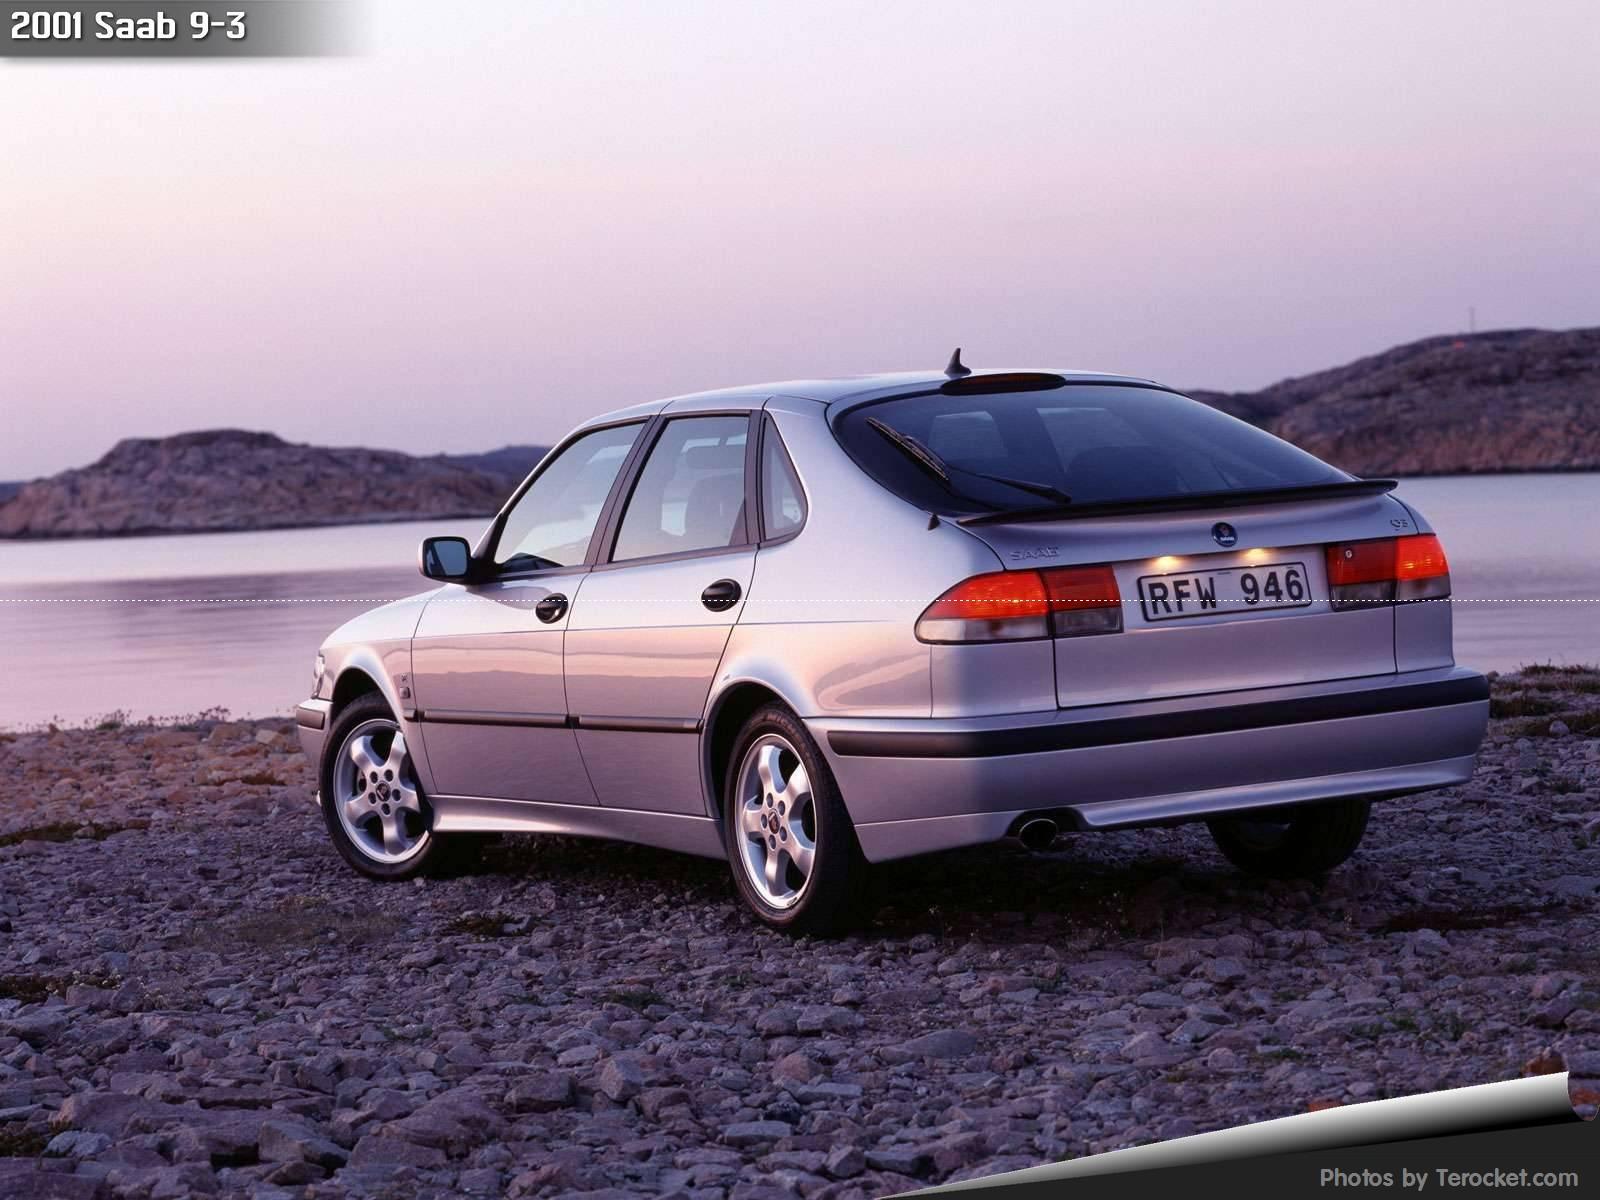 Hình ảnh xe ô tô Saab 9-3 2001 & nội ngoại thất